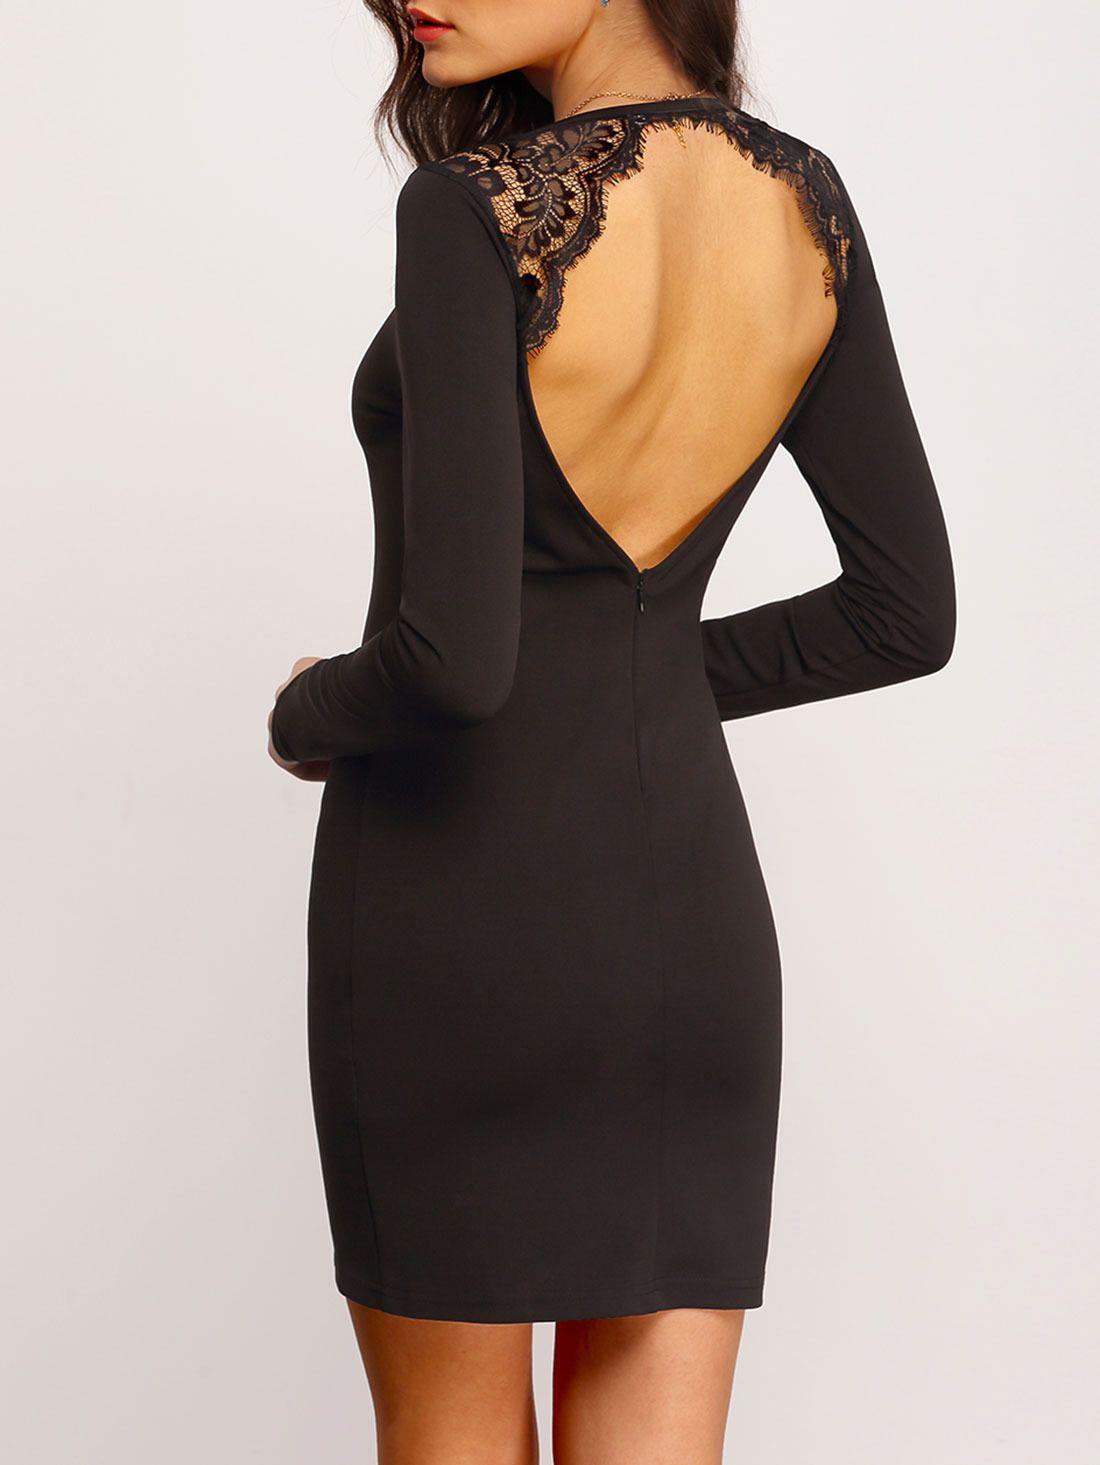 e5c98680406 Чёрное облегающее платье с кружевной вставокй и открытой спиной 884 ...